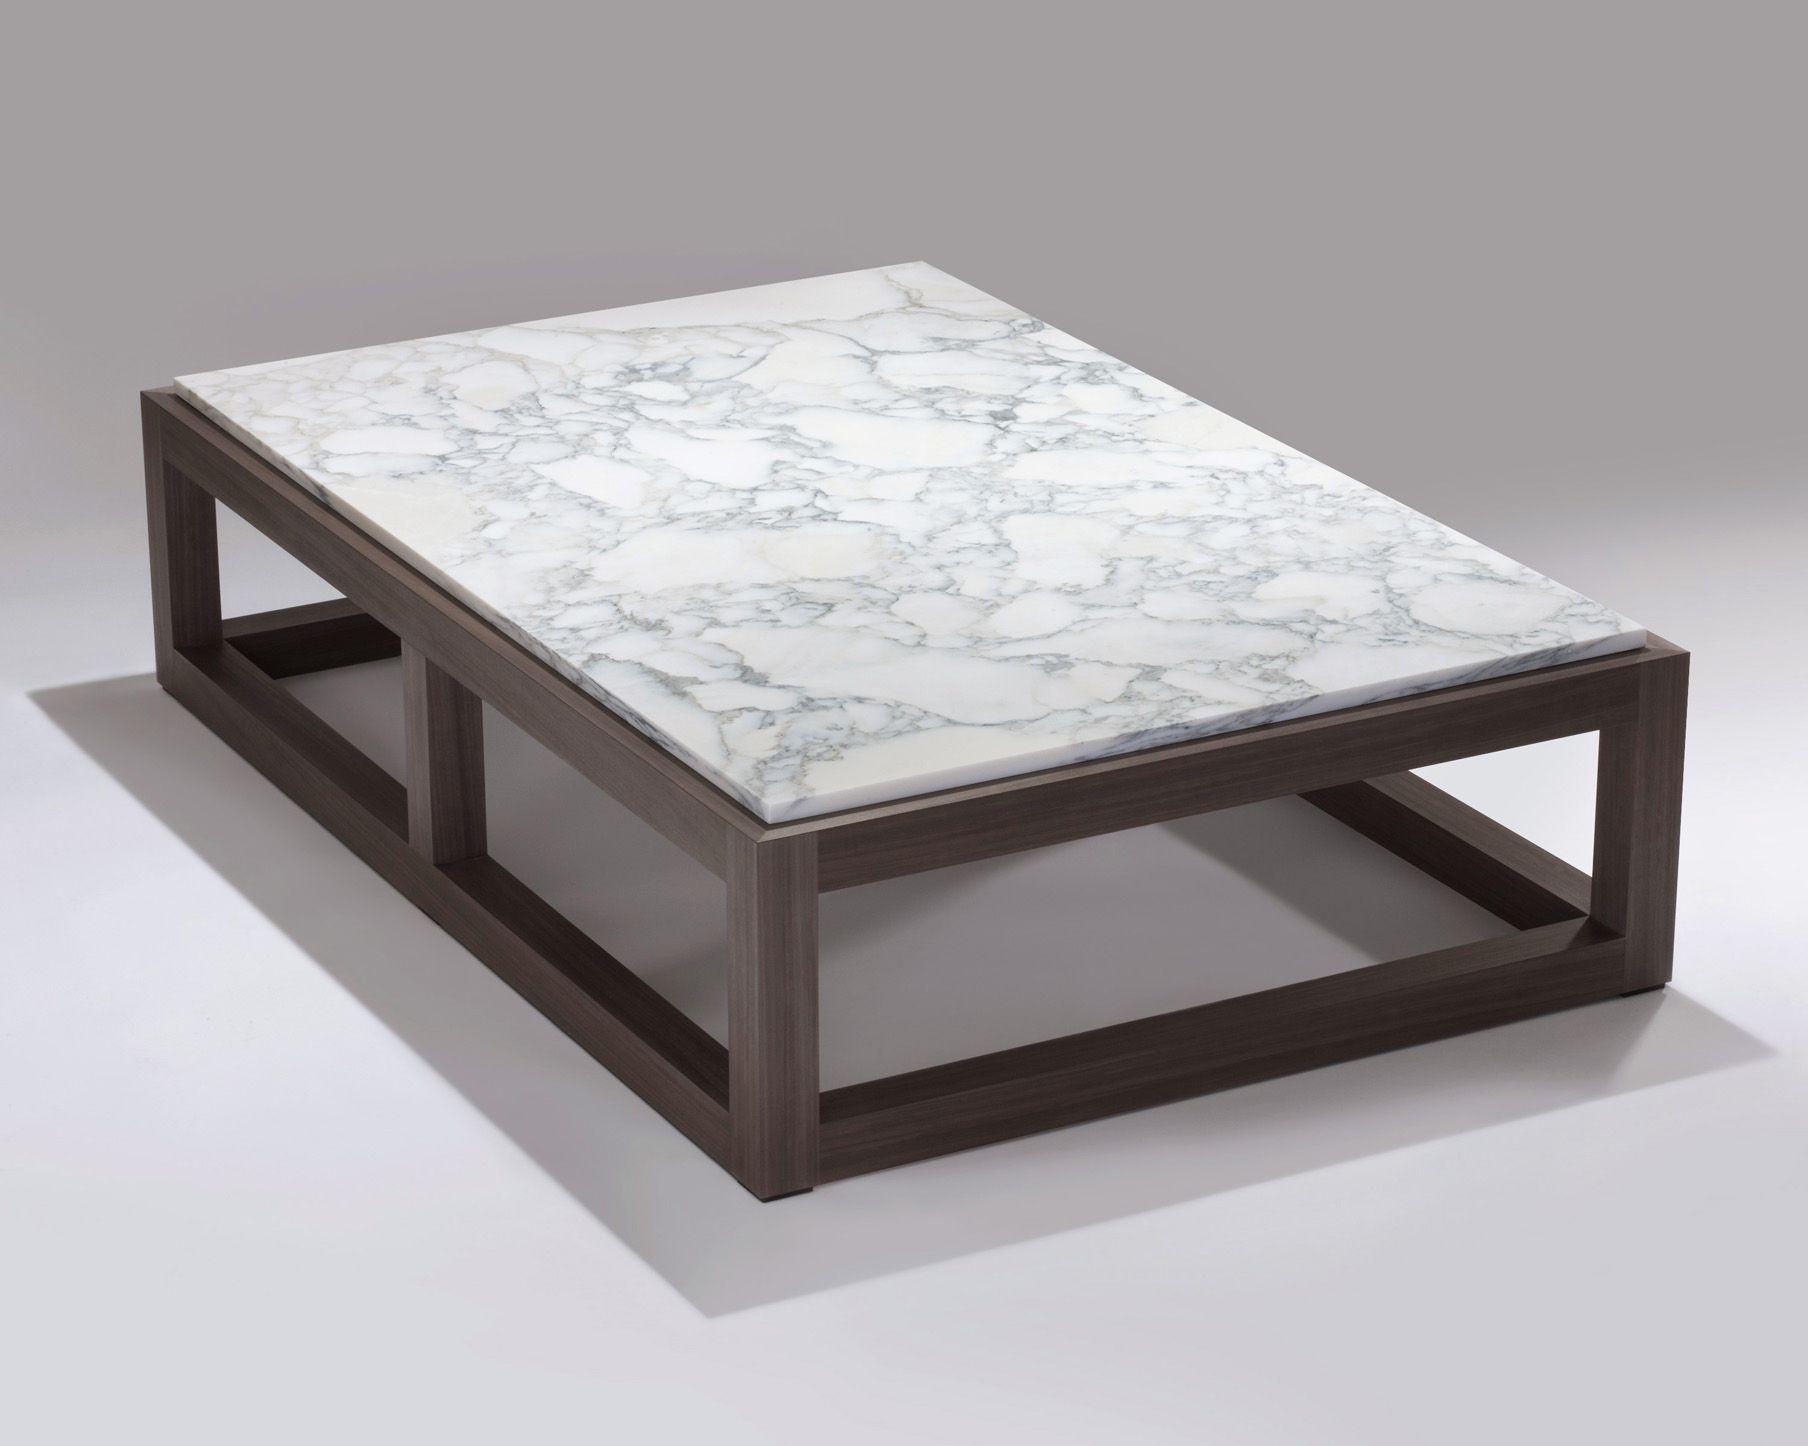 molteni furniture Google Search FFE Coffee Table